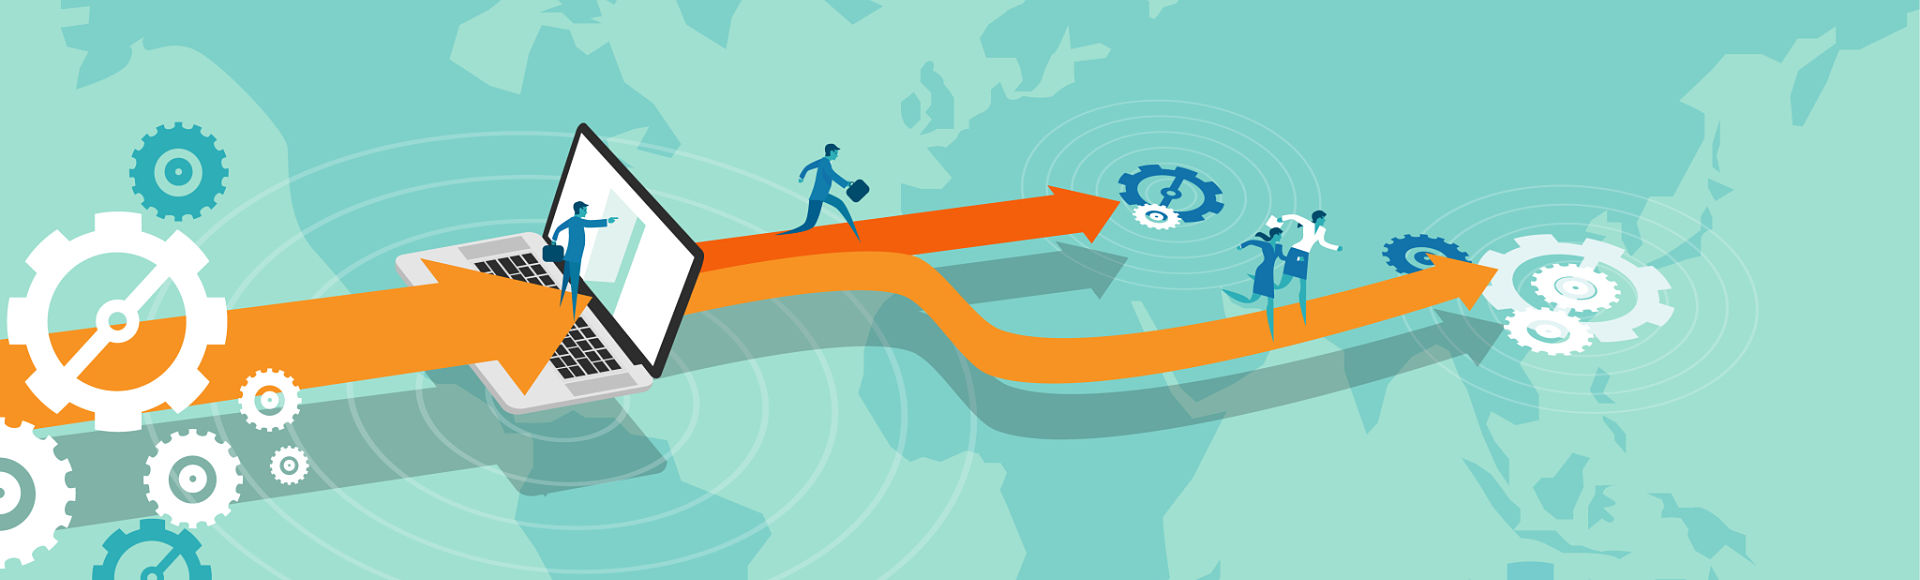 El outsourcing el gran beneficiado de la crisis mundial